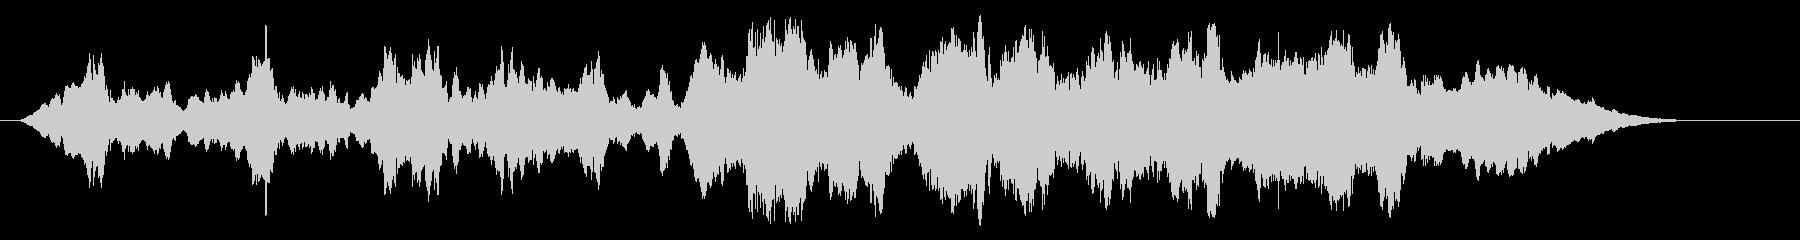 場面の移り変わりに、ストリングス曲です。の未再生の波形